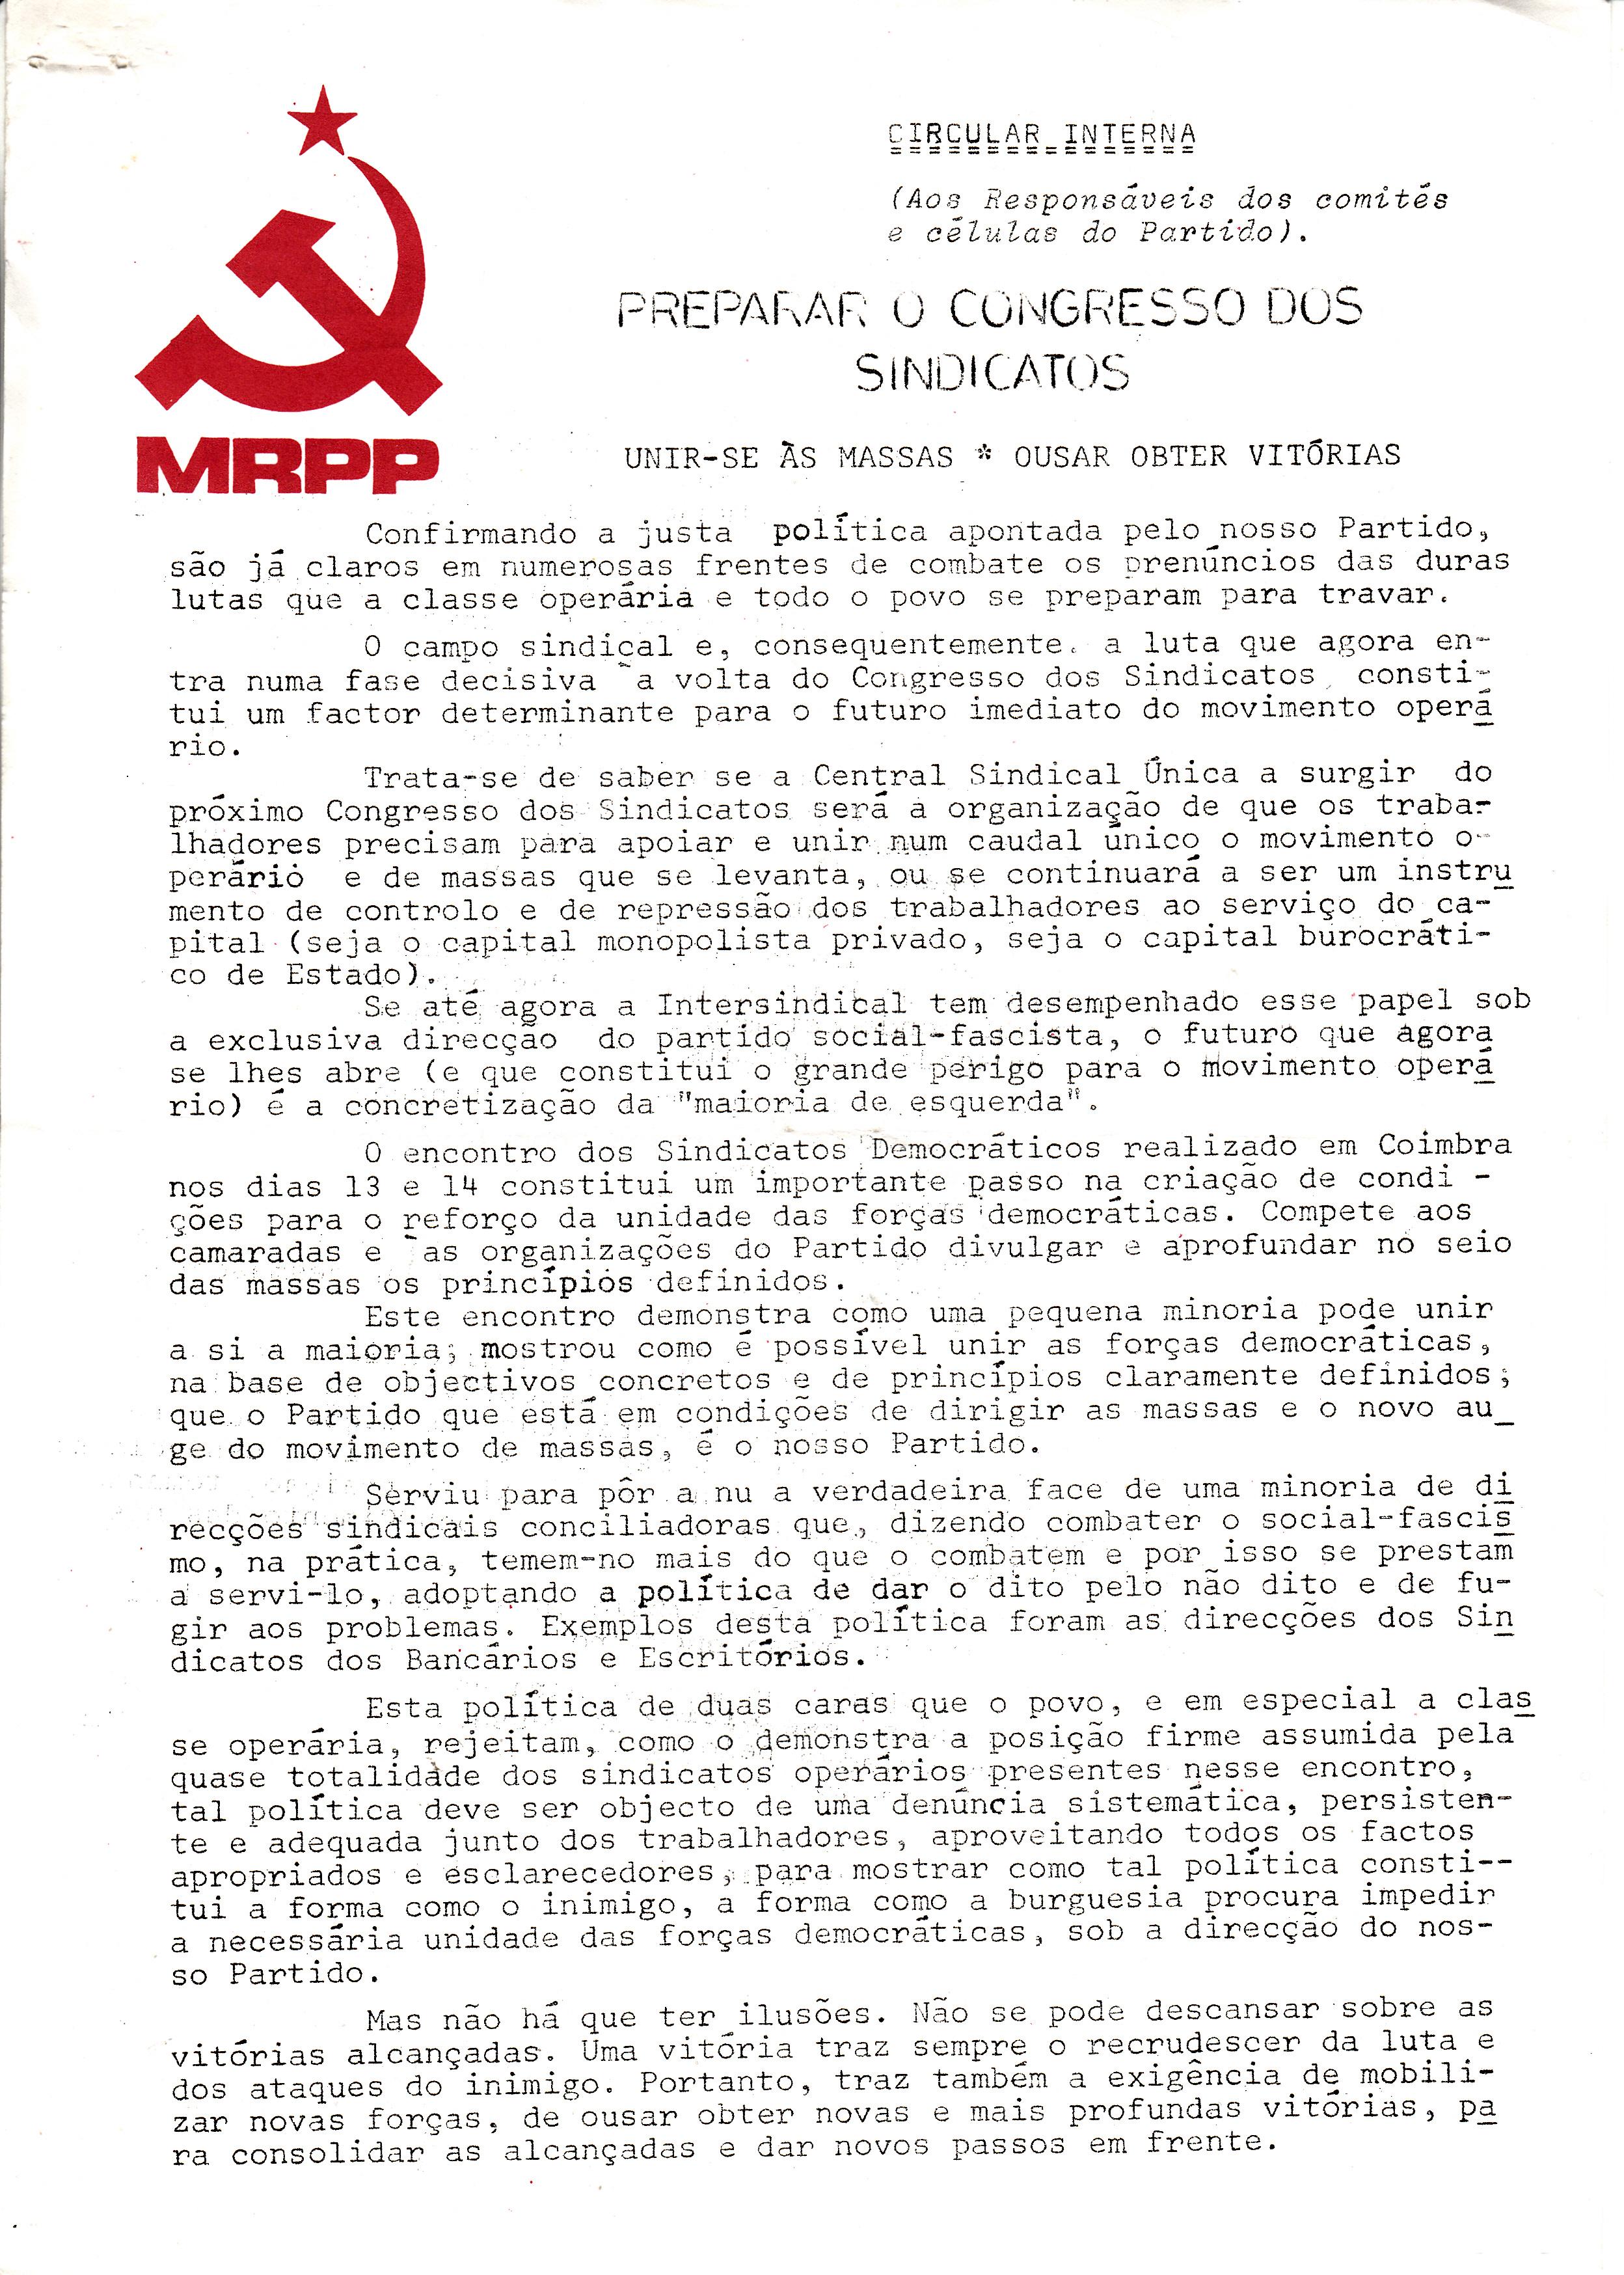 MRPP_1976_09_16_0001